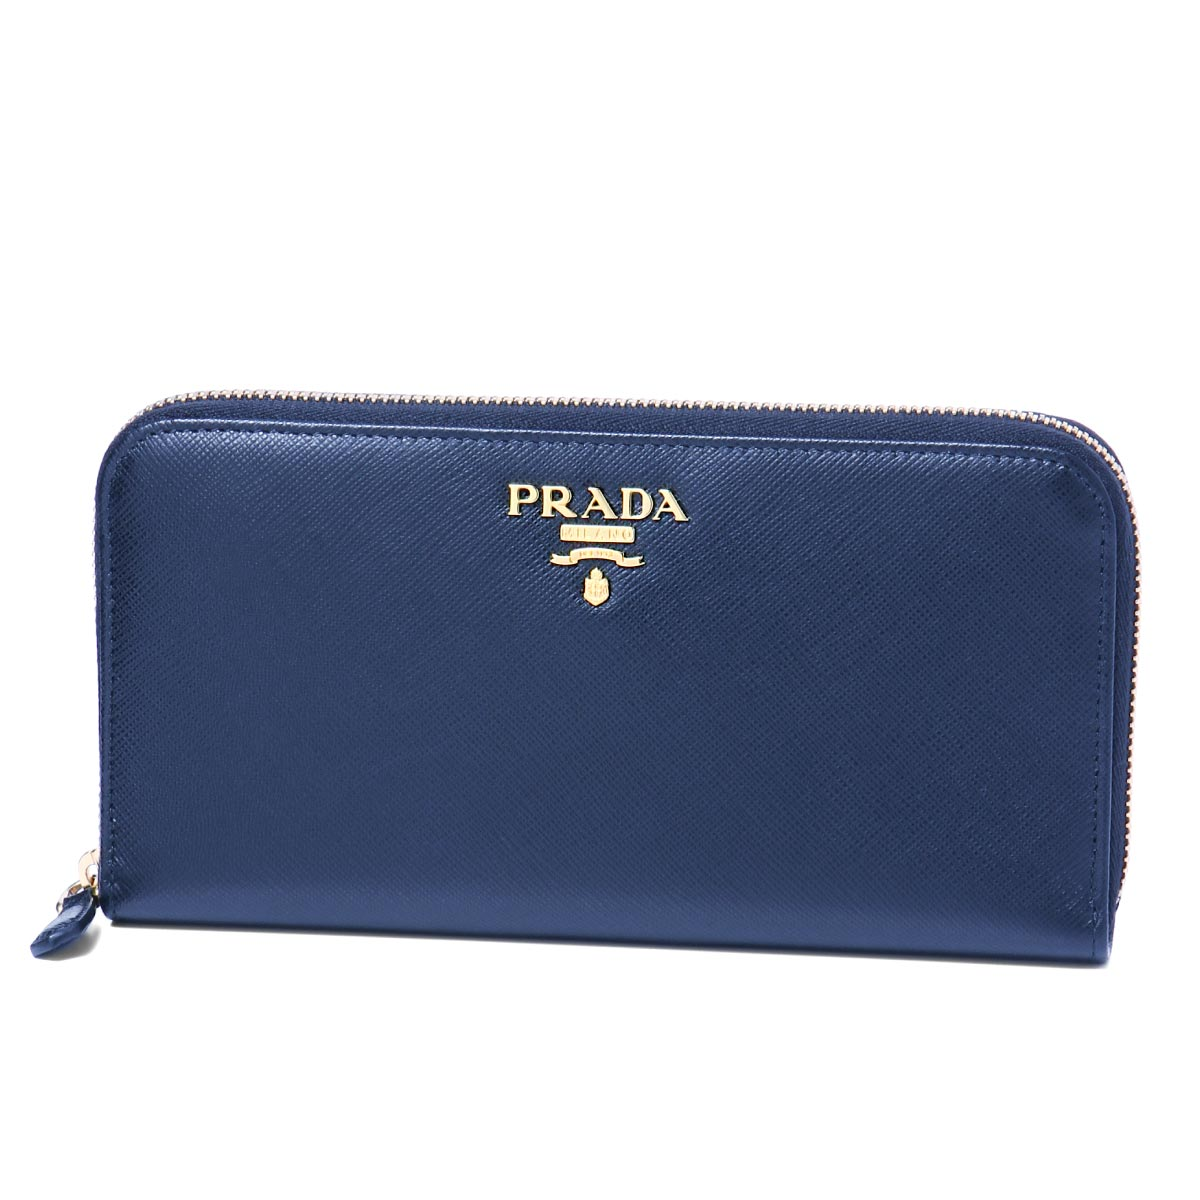 プラダ PRADA 財布 レディース 1ML506 QWA F0016 ラウンドファスナー長財布 SAFFIANO METAL BLUETTE ダークブルー